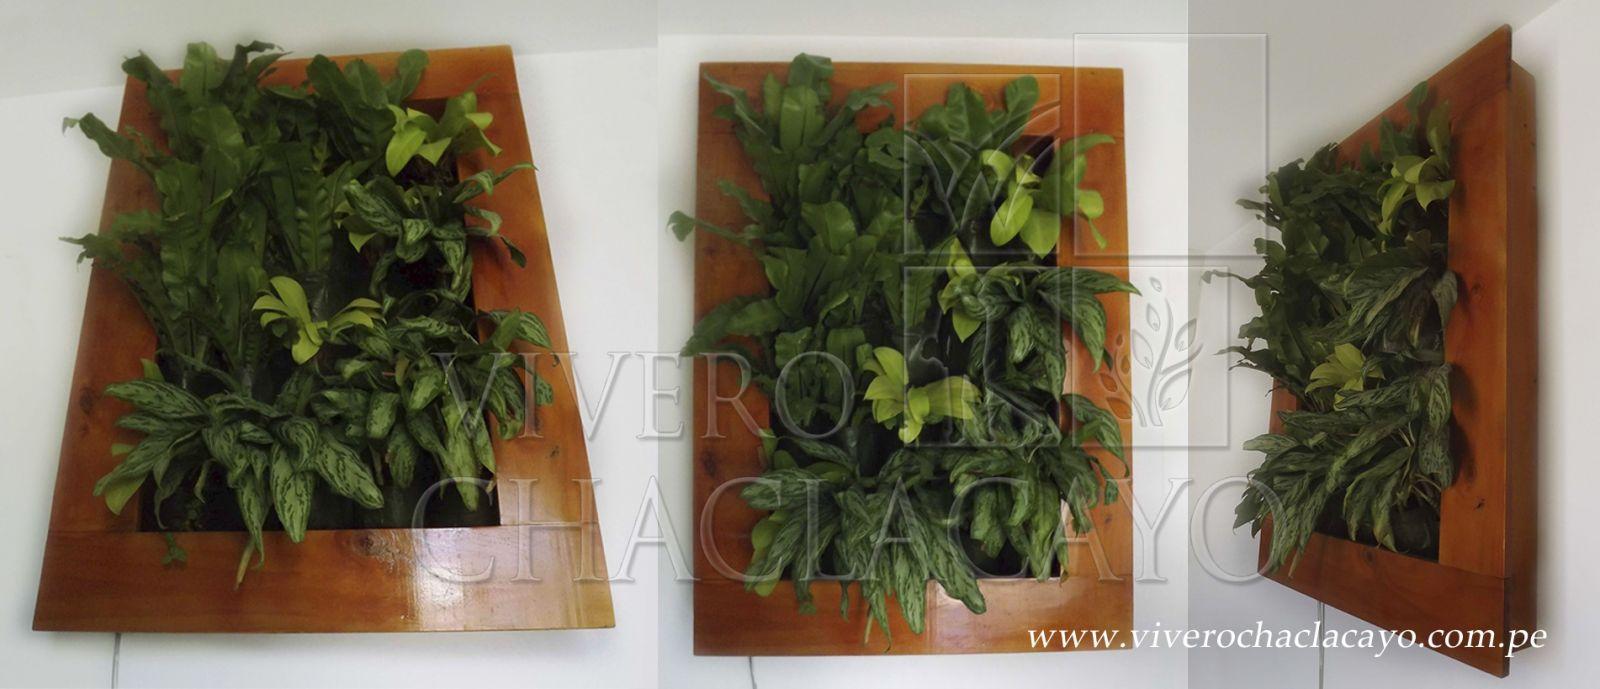 Cuadros vegetales vivero chaclacayo for Cuadros para el jardin